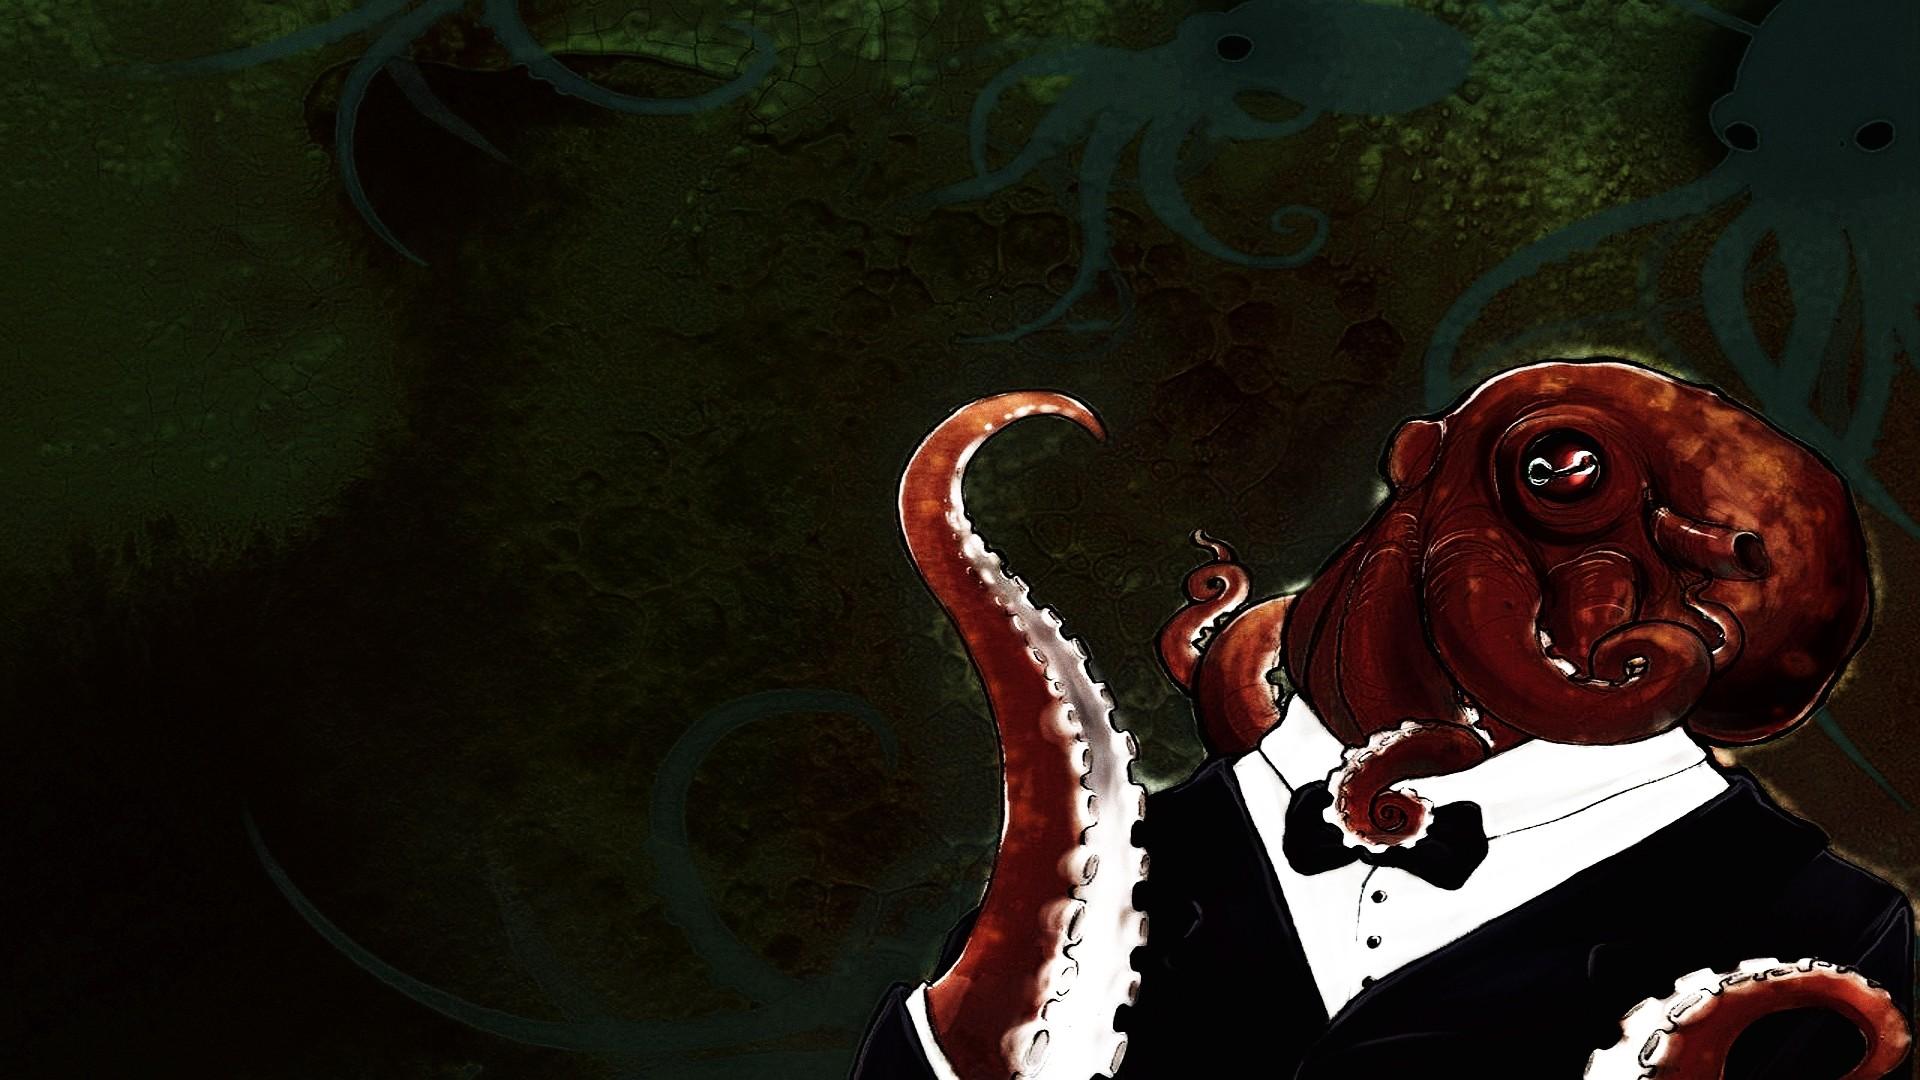 картинка с курящим осьминогом женщине